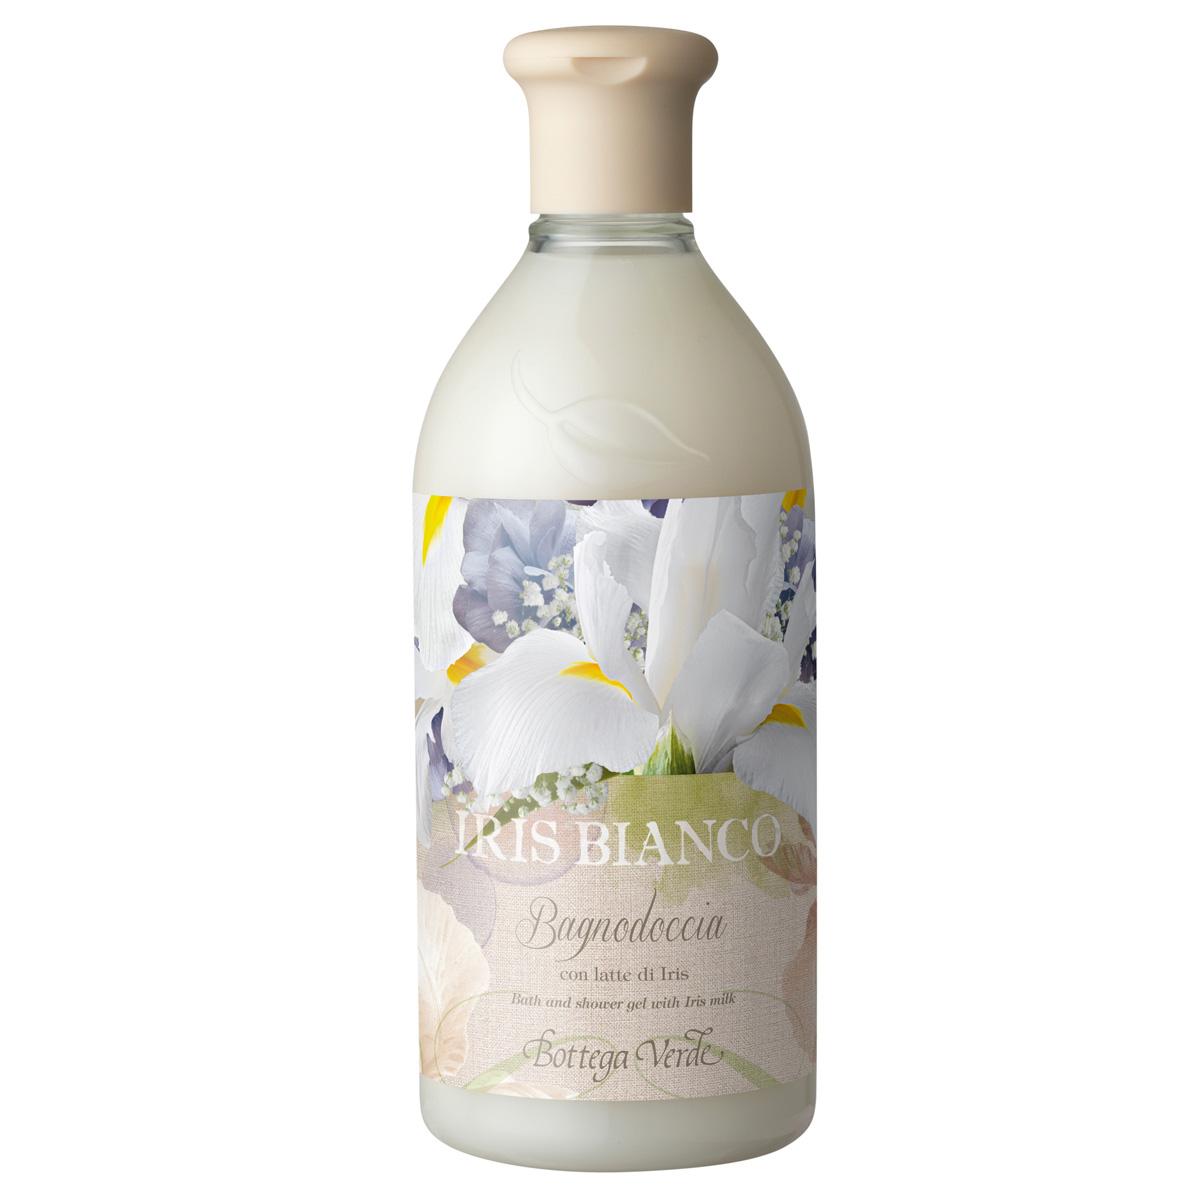 Iris bianco - Gel de dus cu lapte de iris